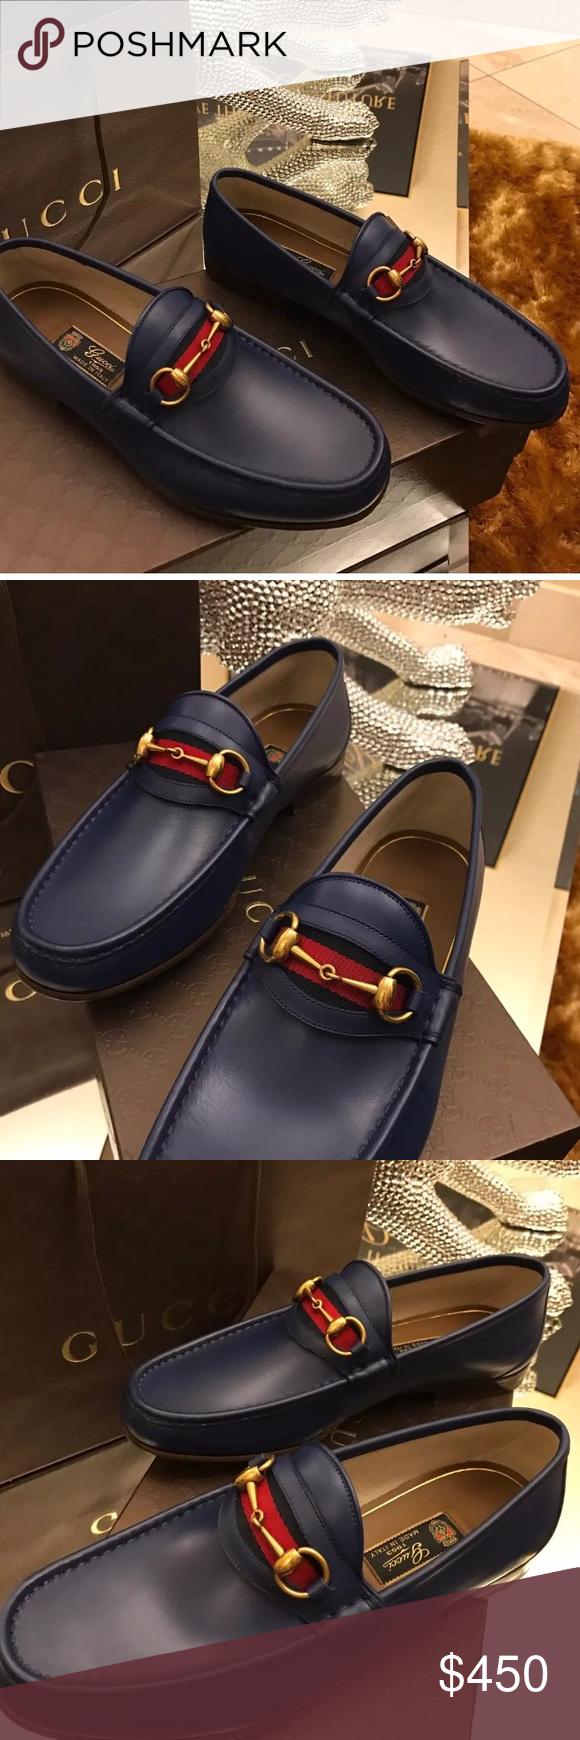 ce1bab8d9fd Men s Authentic Royal Blue Gucci Loafers. US 11. AUTHENTIC Gucci loafers